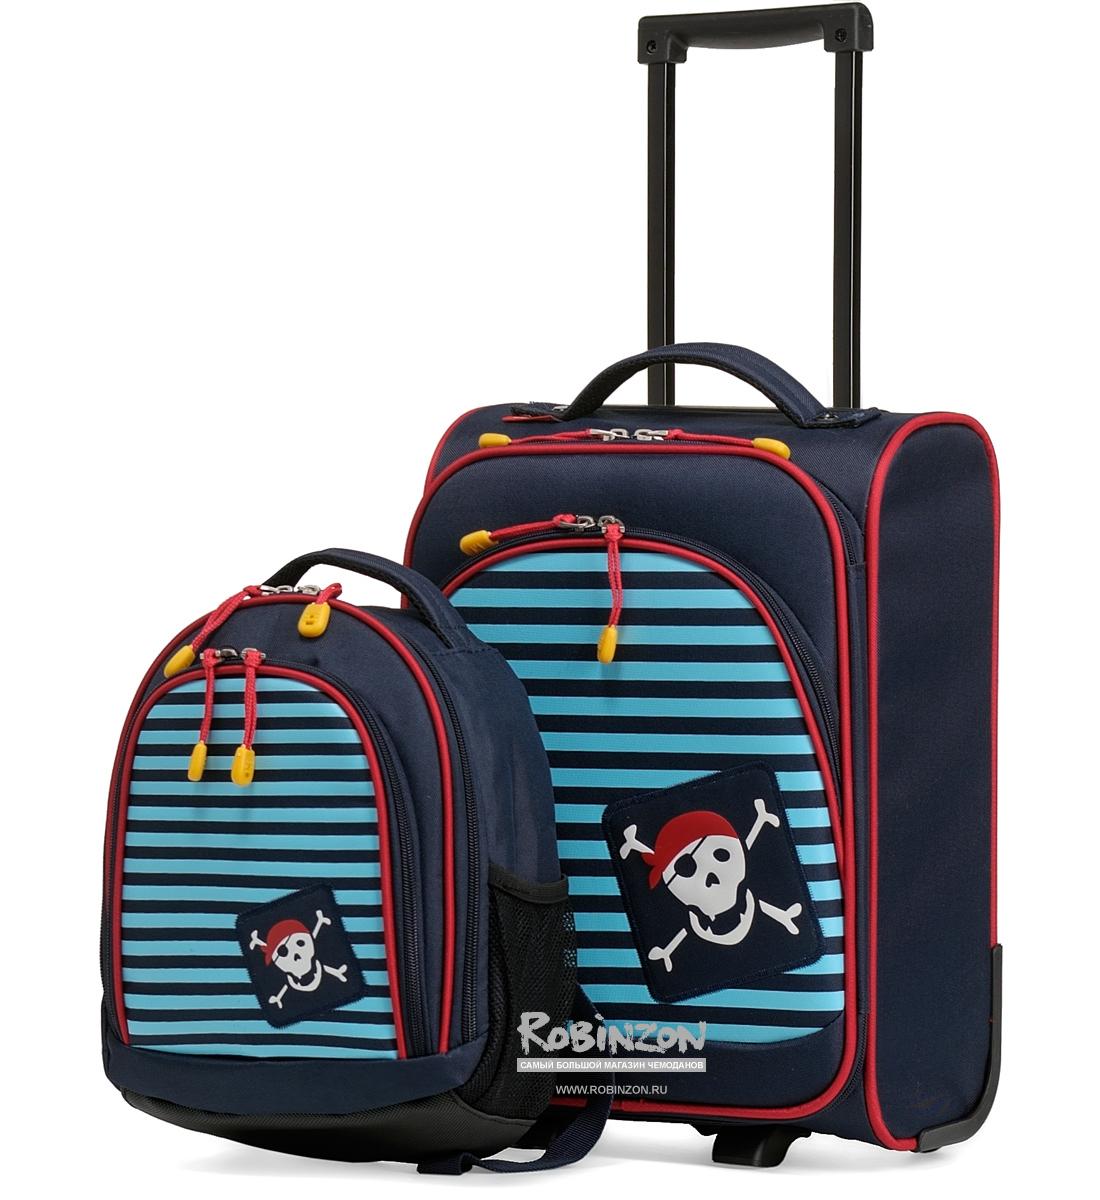 Детские чемоданы к отпуску! Яркие чемоданы для маленьких путешественников.  - Robinzon.ru - Блог 269b9ecbfd0